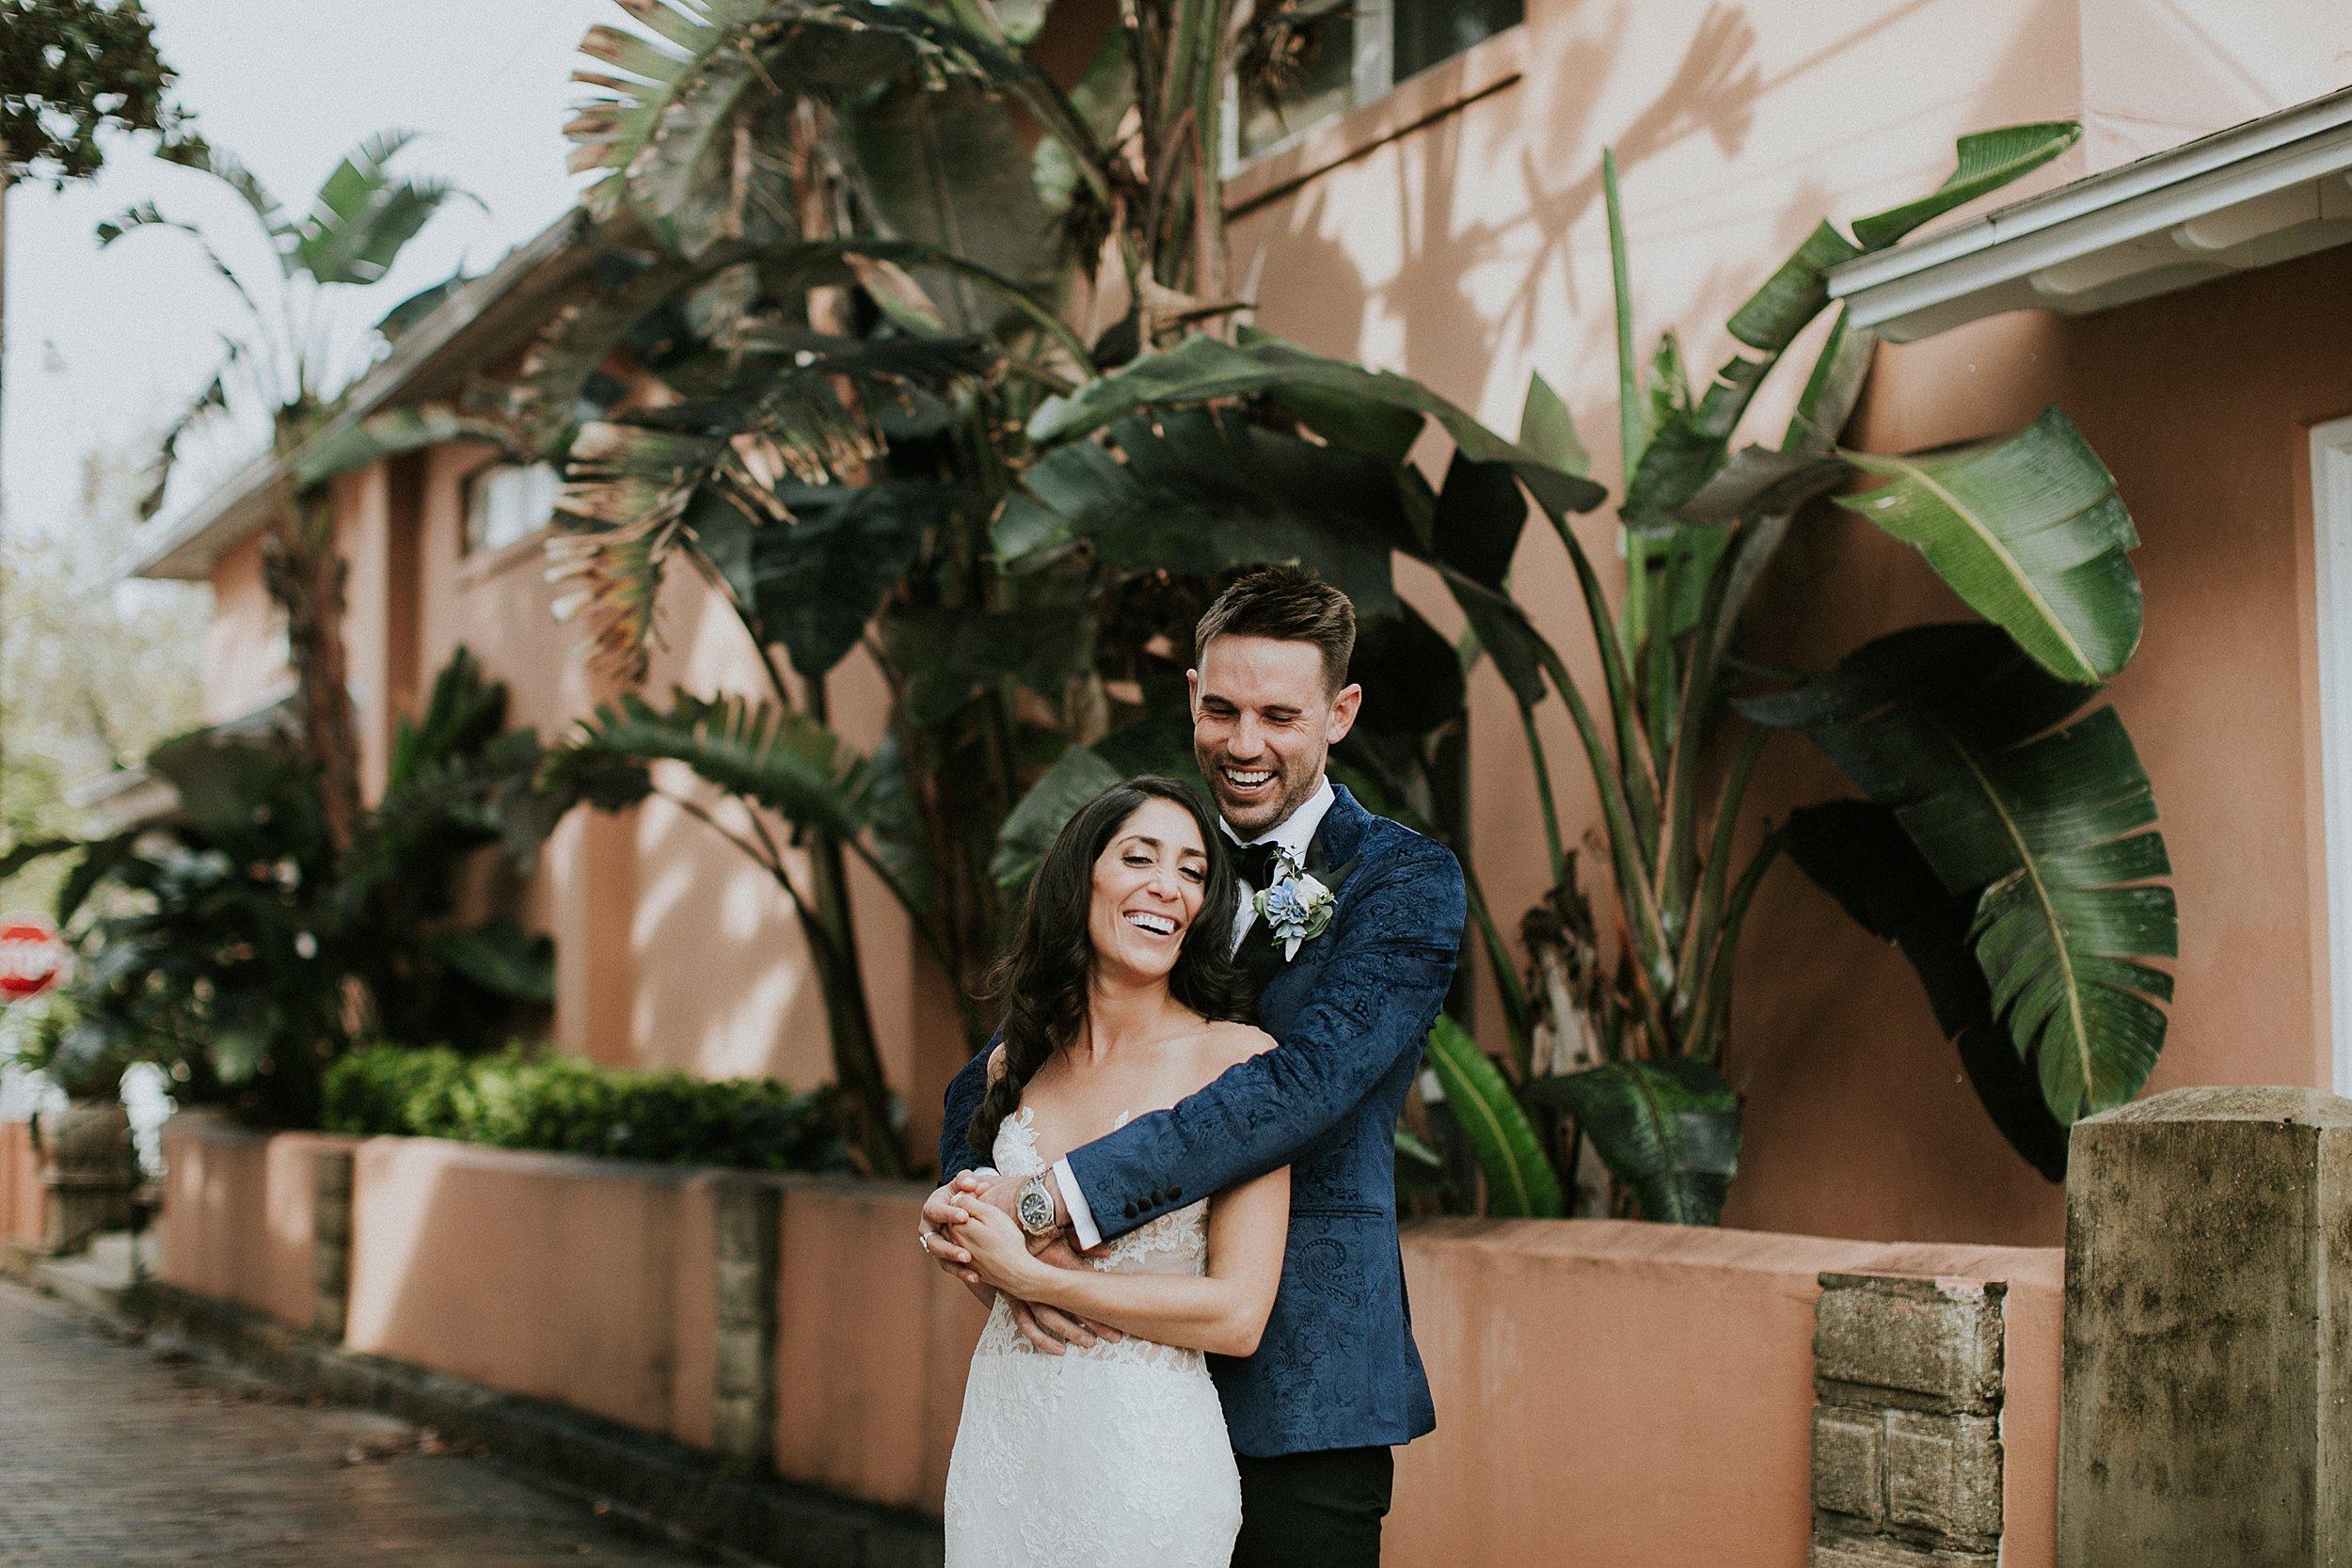 stylish wedding couples